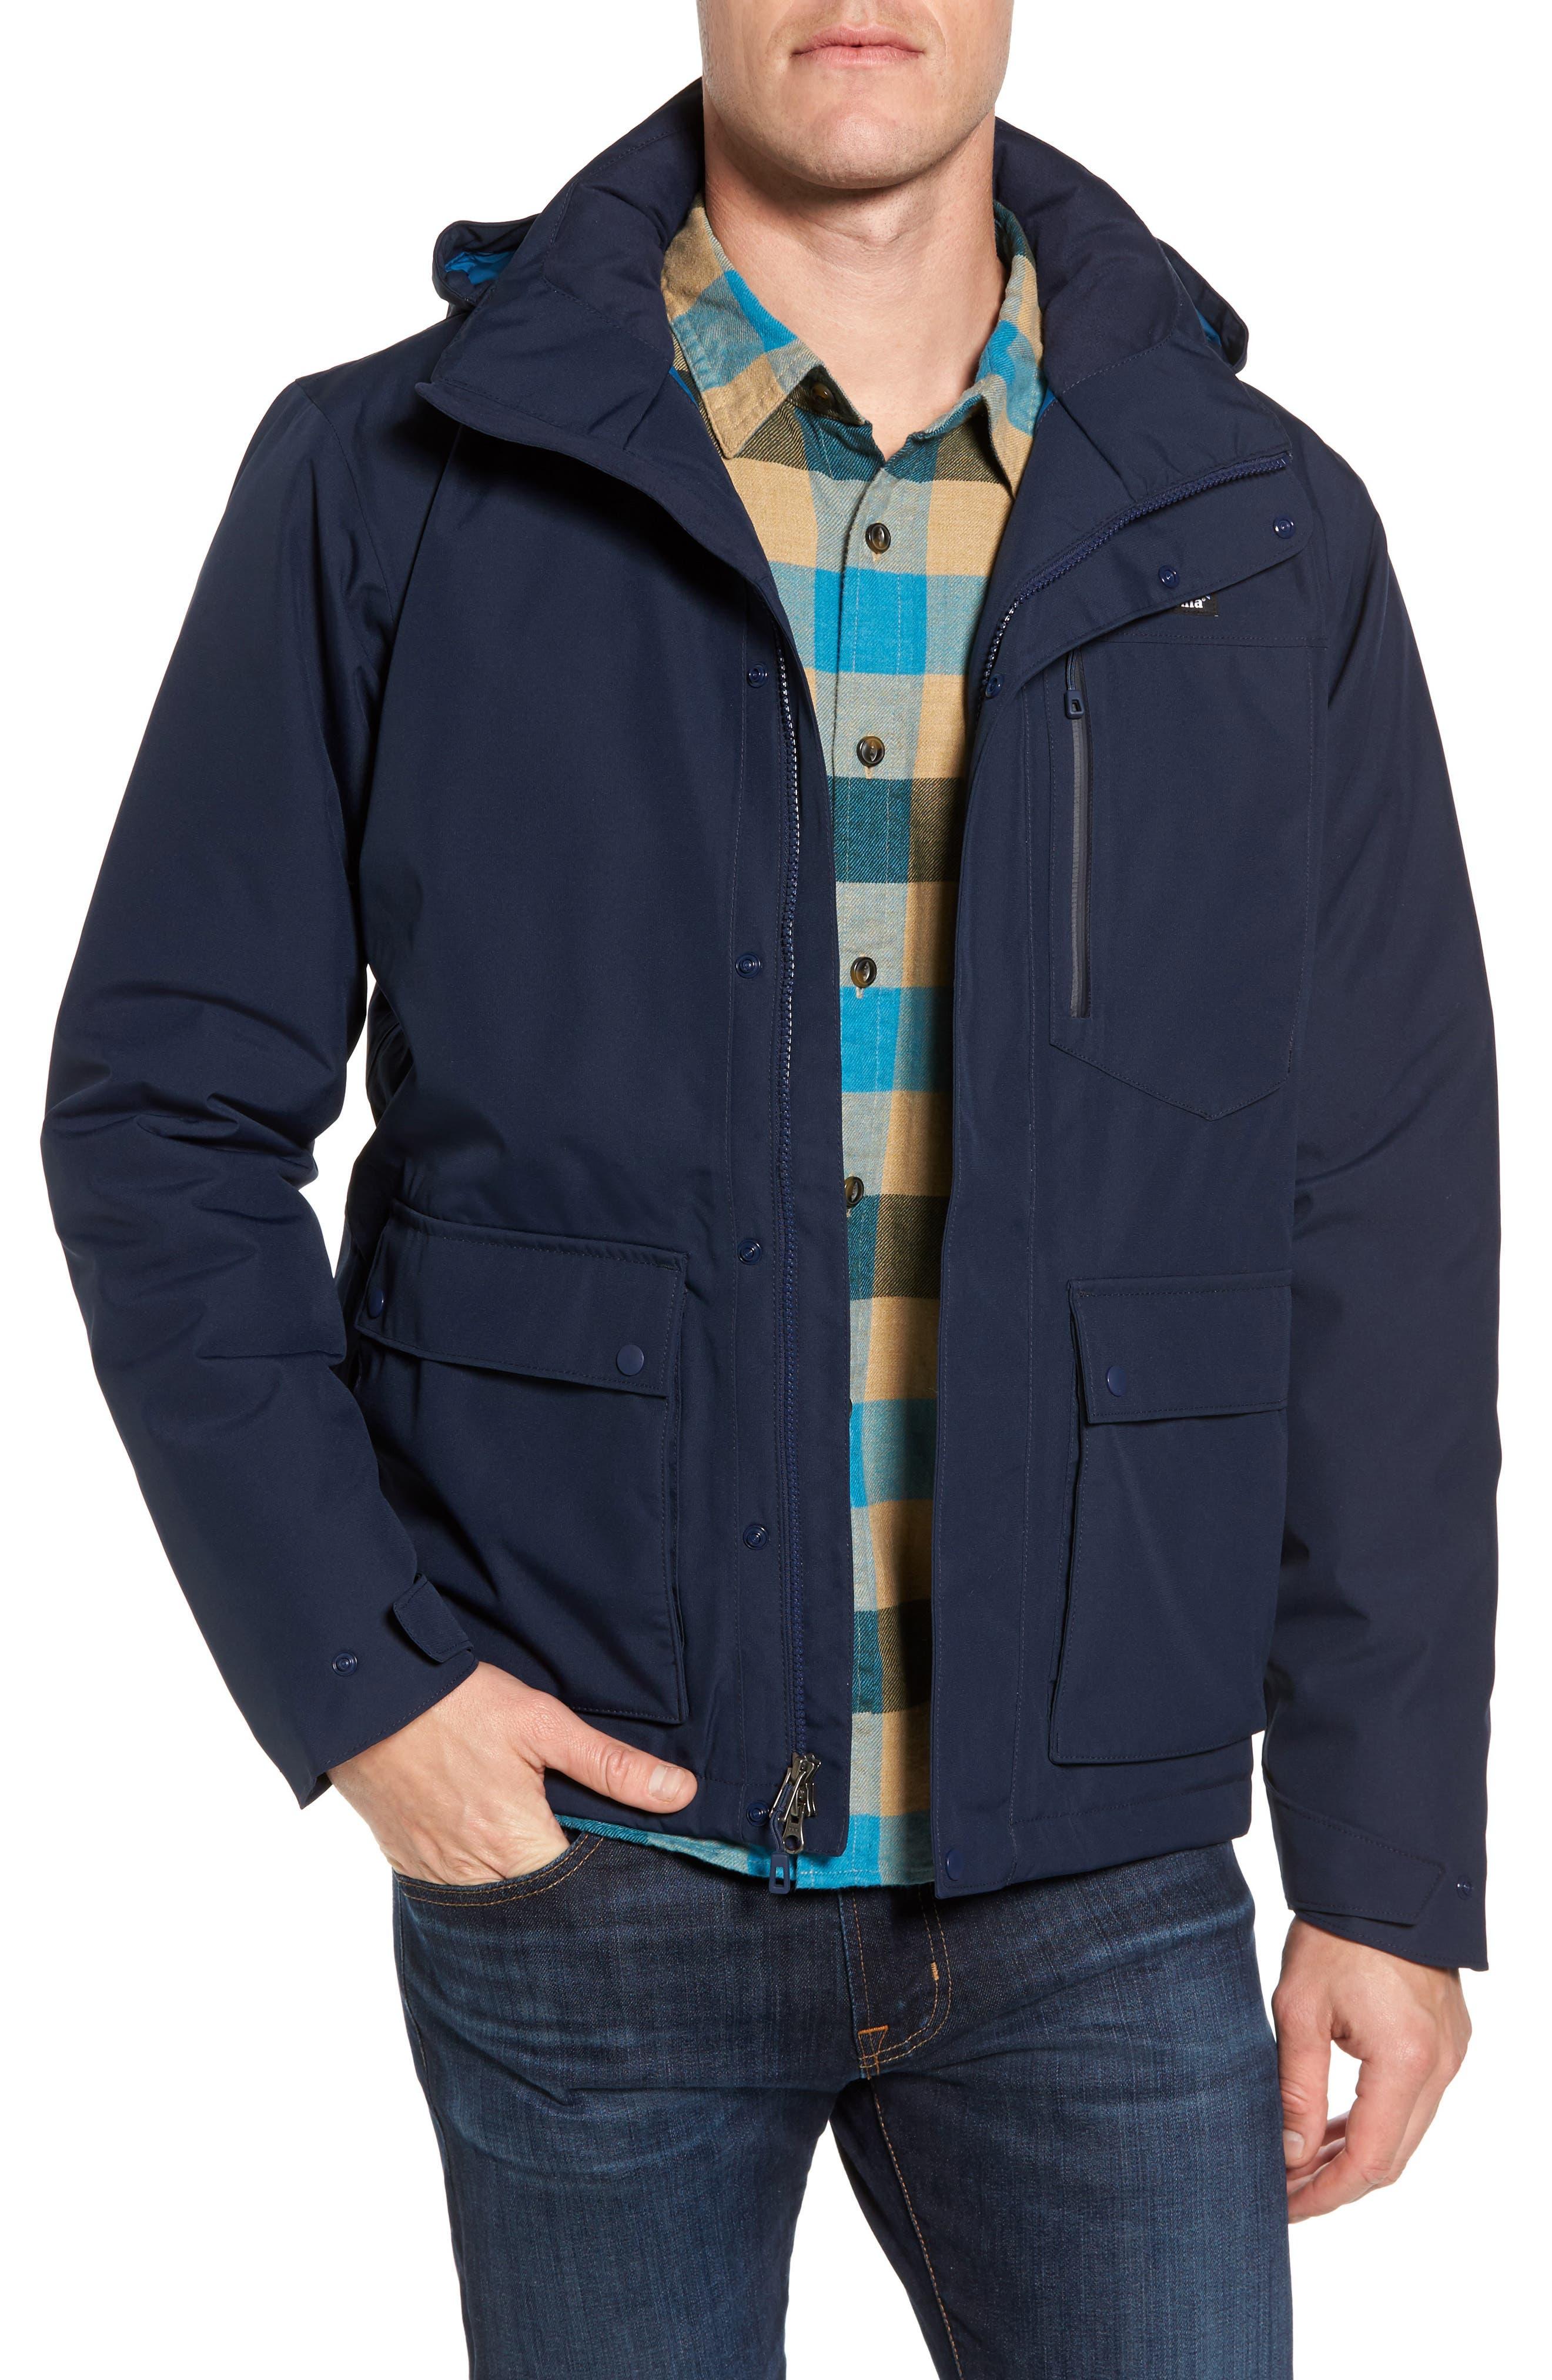 Main Image - Patagonia Topley Waterproof Jacket